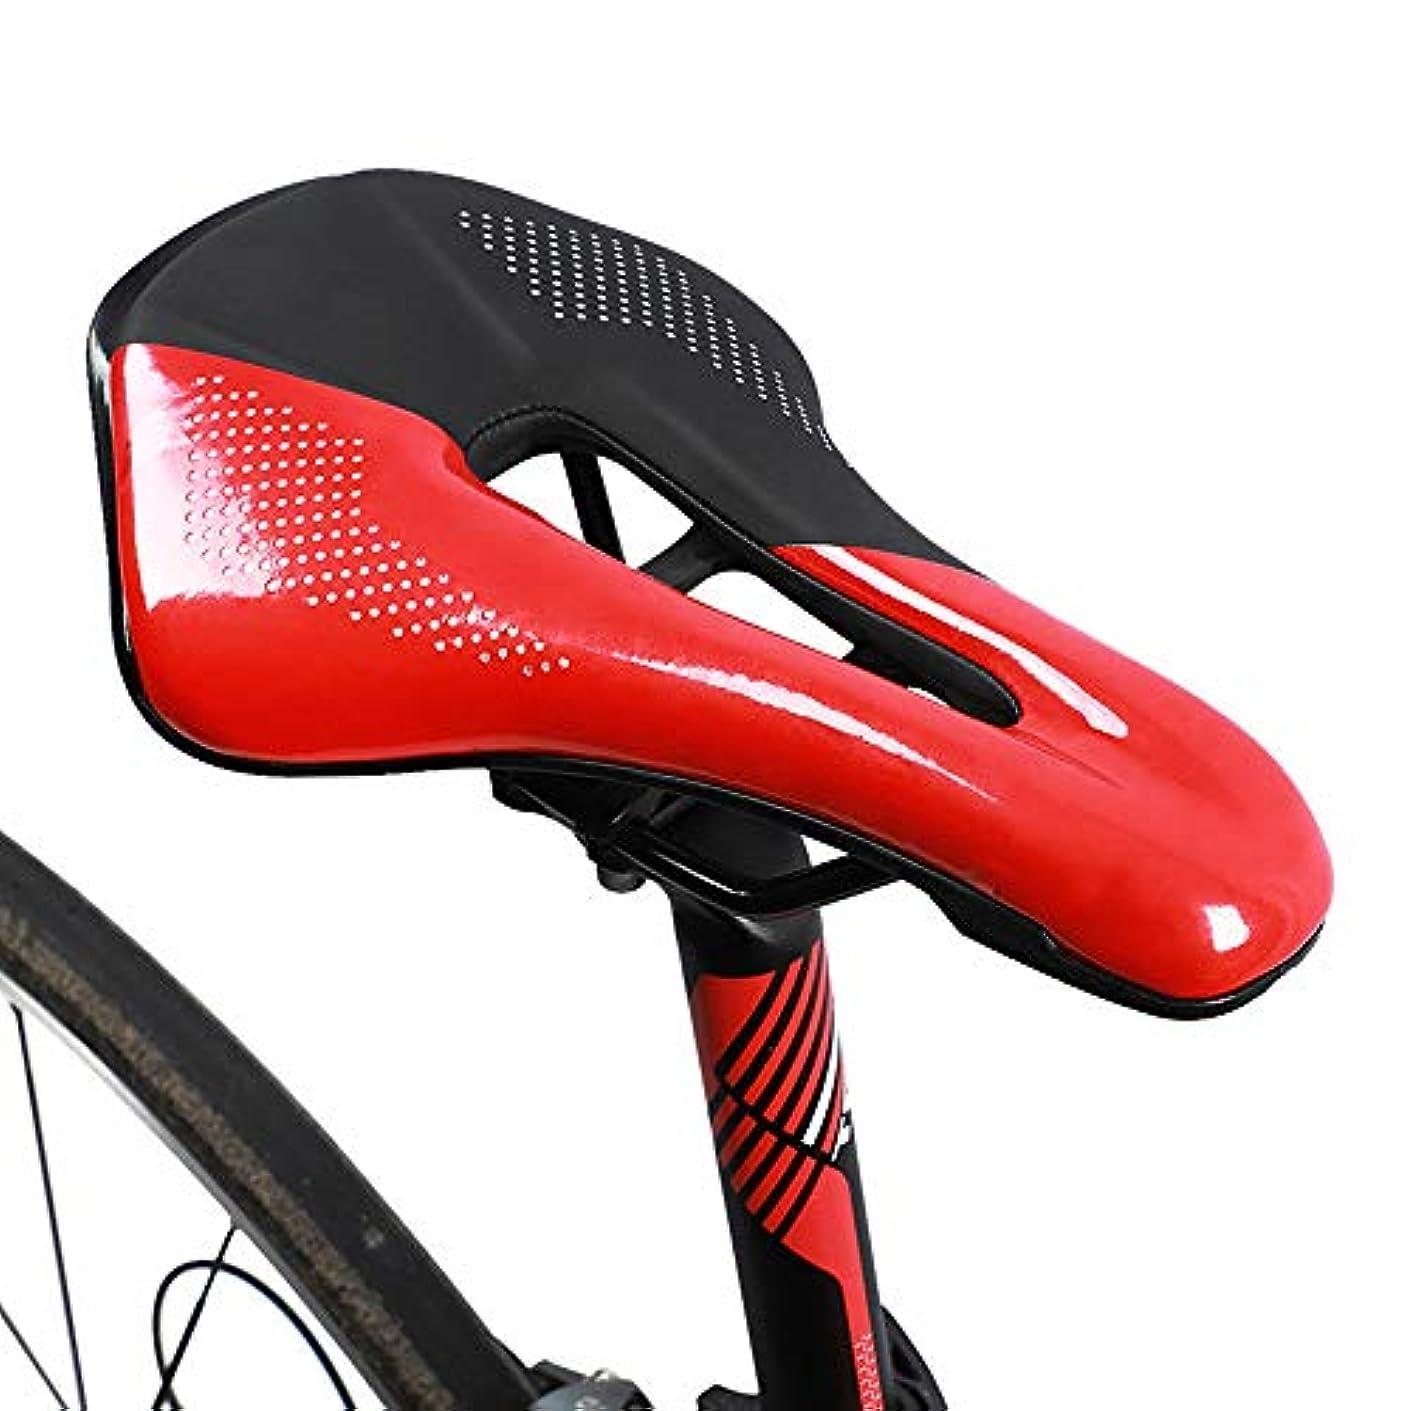 敬北米標高サドル,バイクシート|自転車アクセサリー|自転車のサドルシートは、スピン、マウンテンバイク、アウトドアサイクリングに最適です(Color:赤)